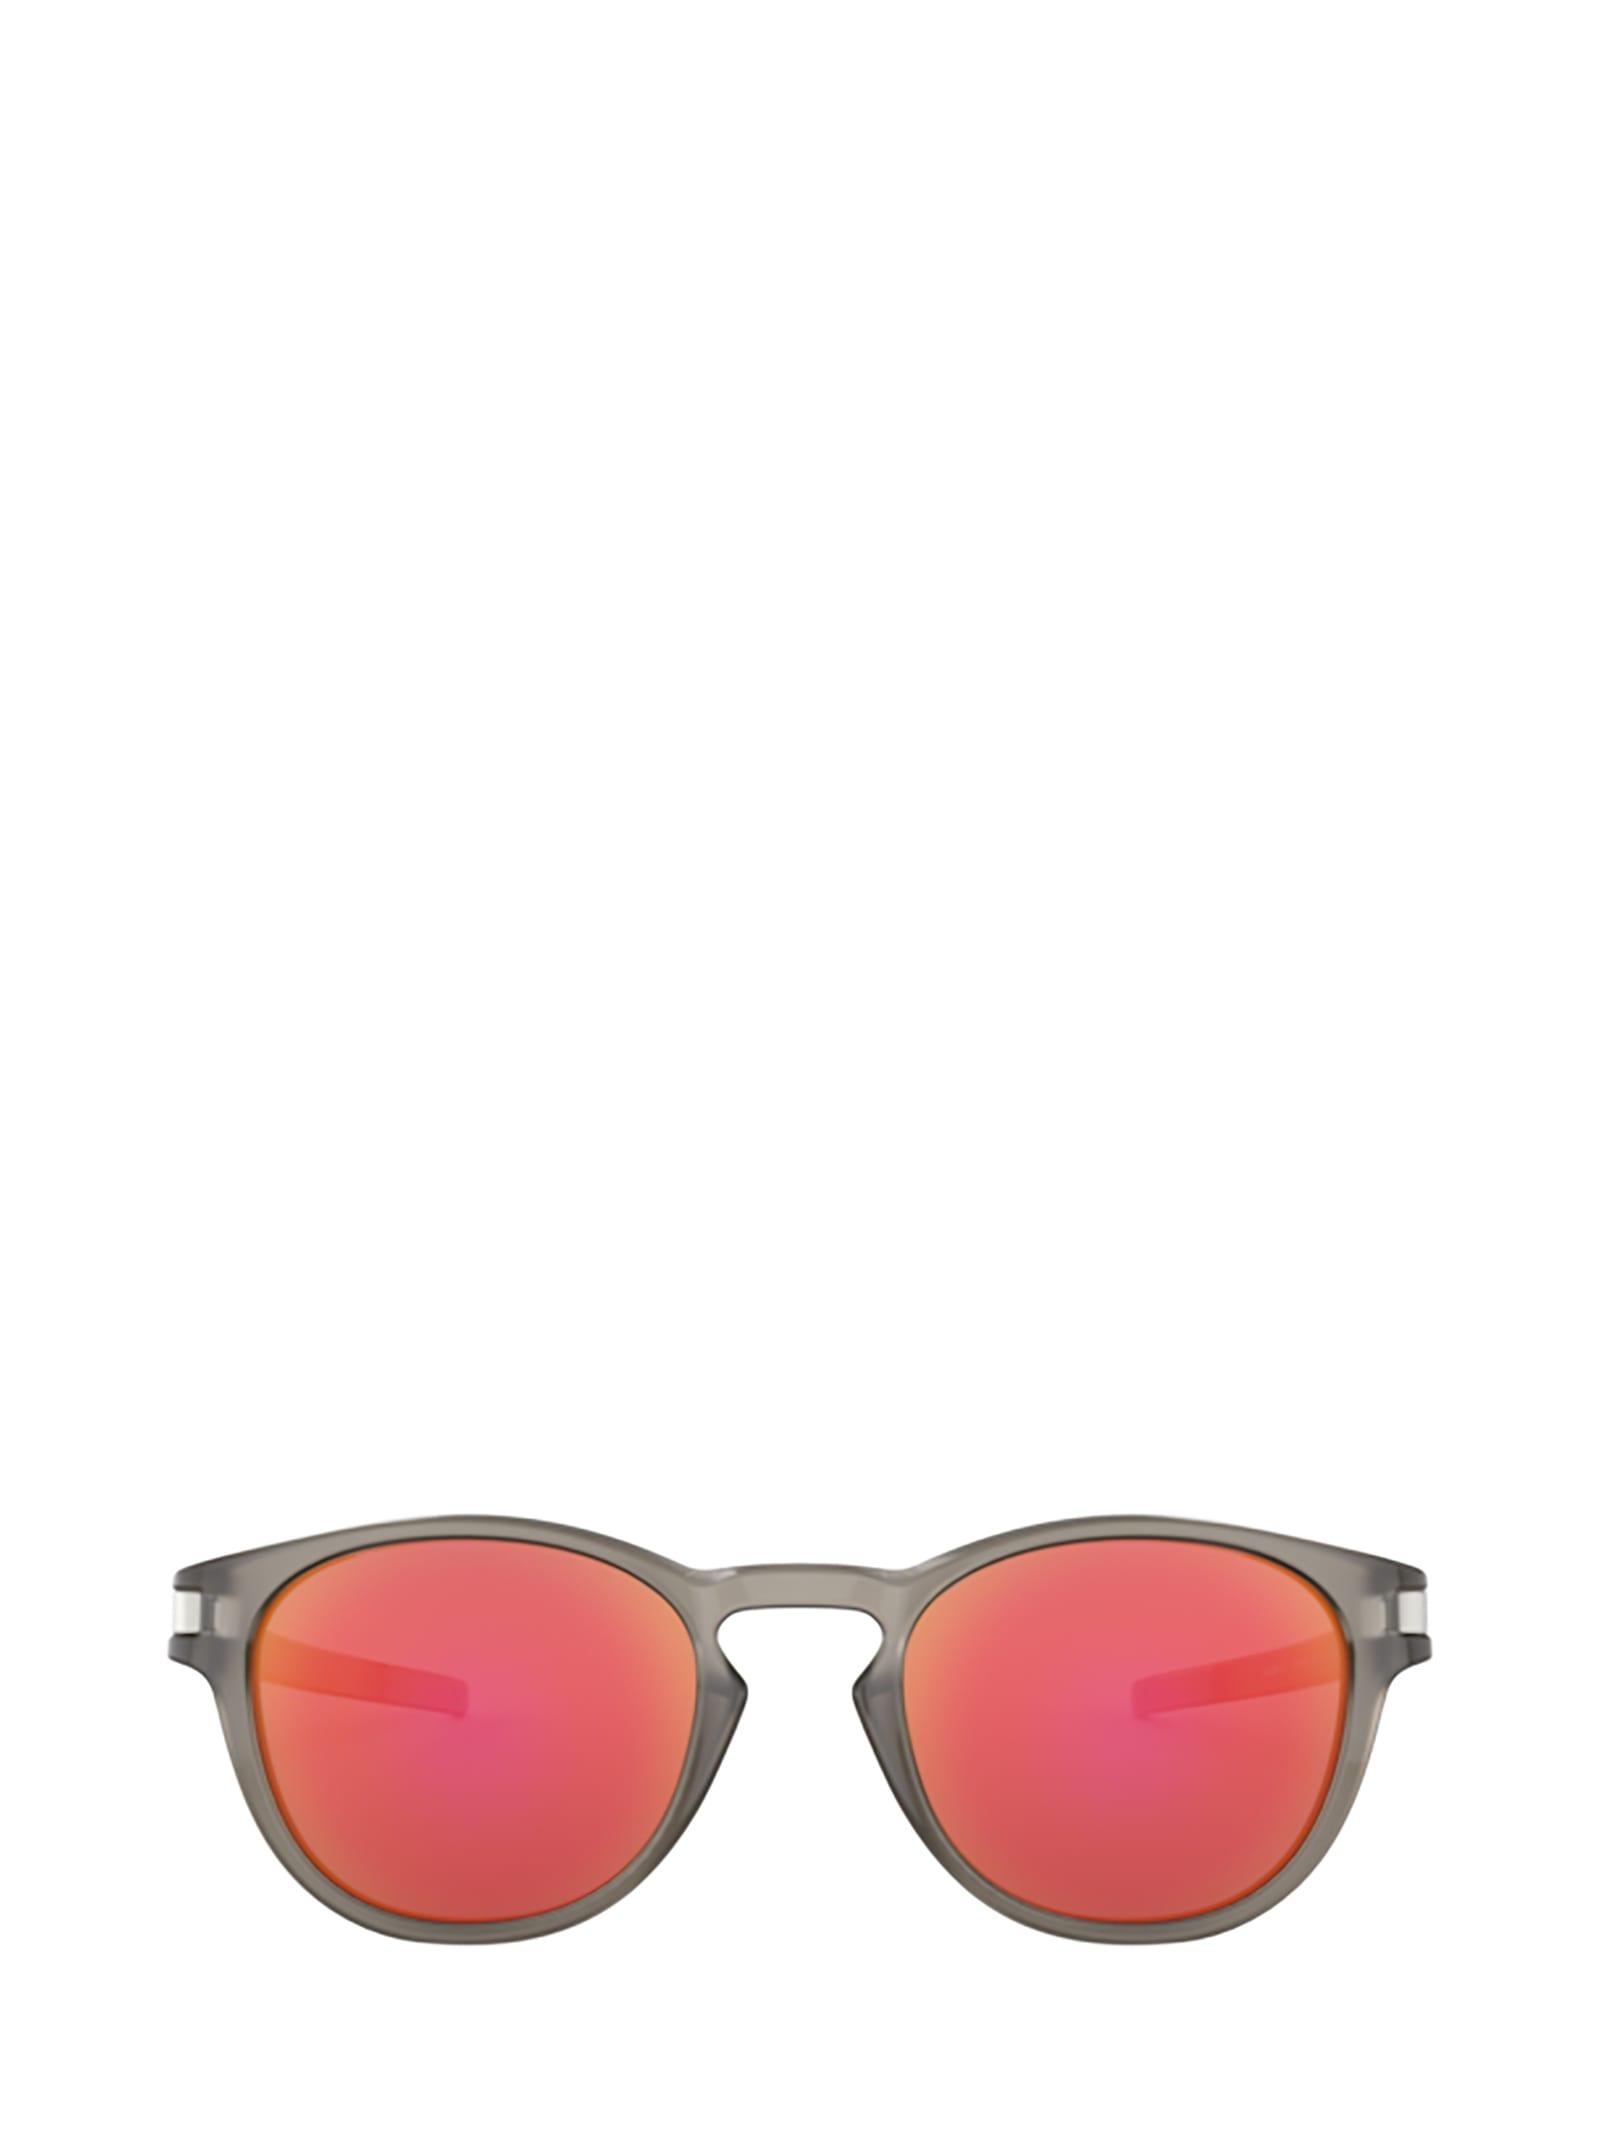 Oakley Oo9265 Matte Grey Ink Sunglasses